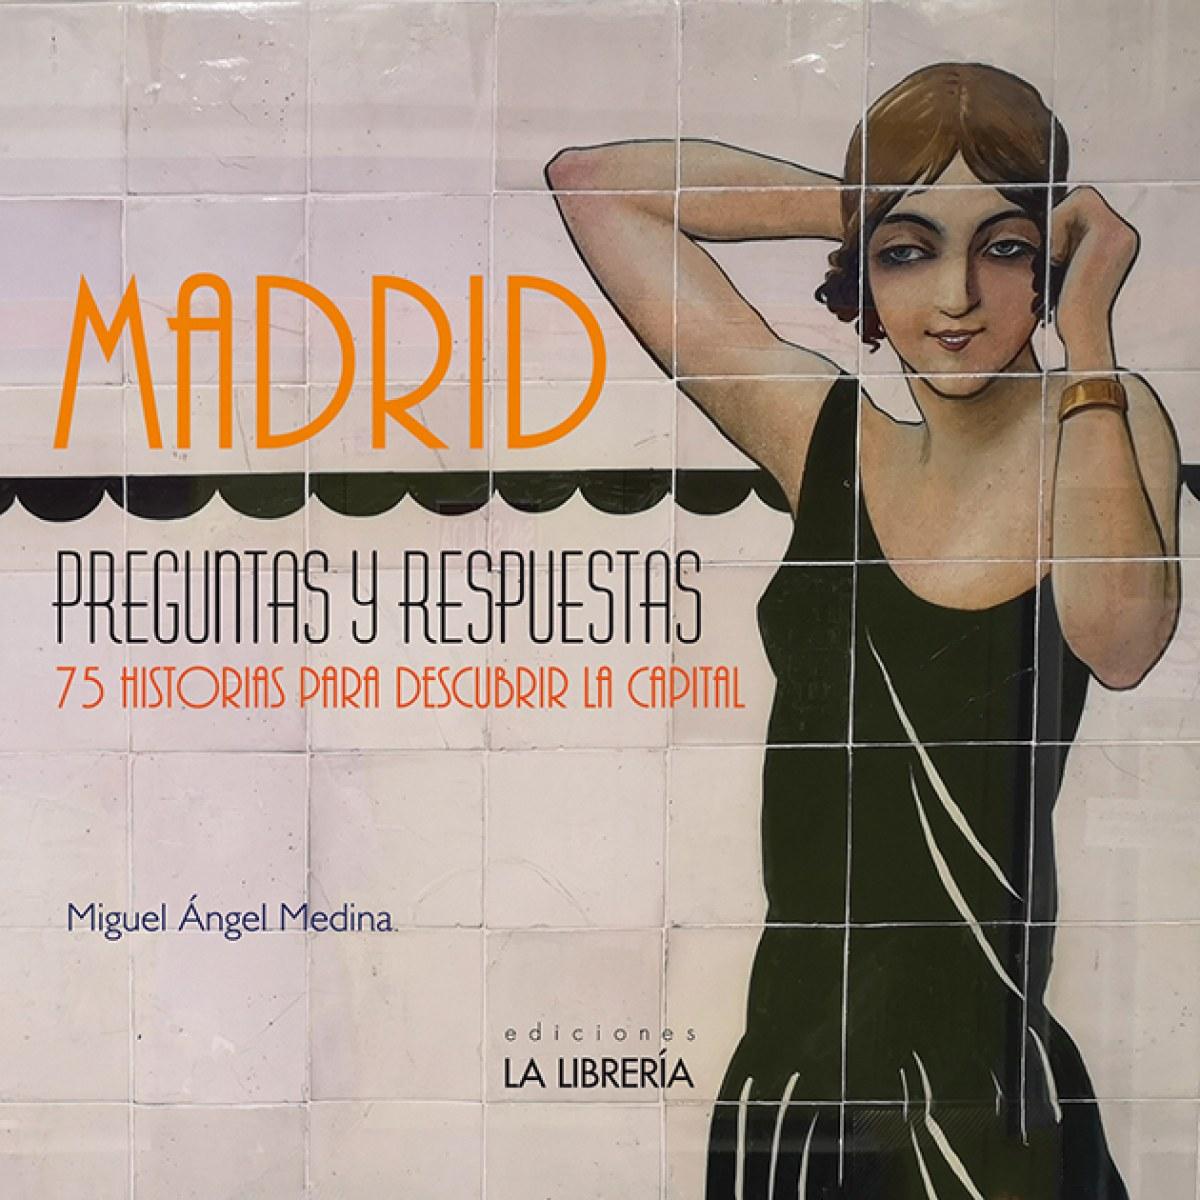 MADRID PREGUNTAS Y RESPUESTAS 9788498734294